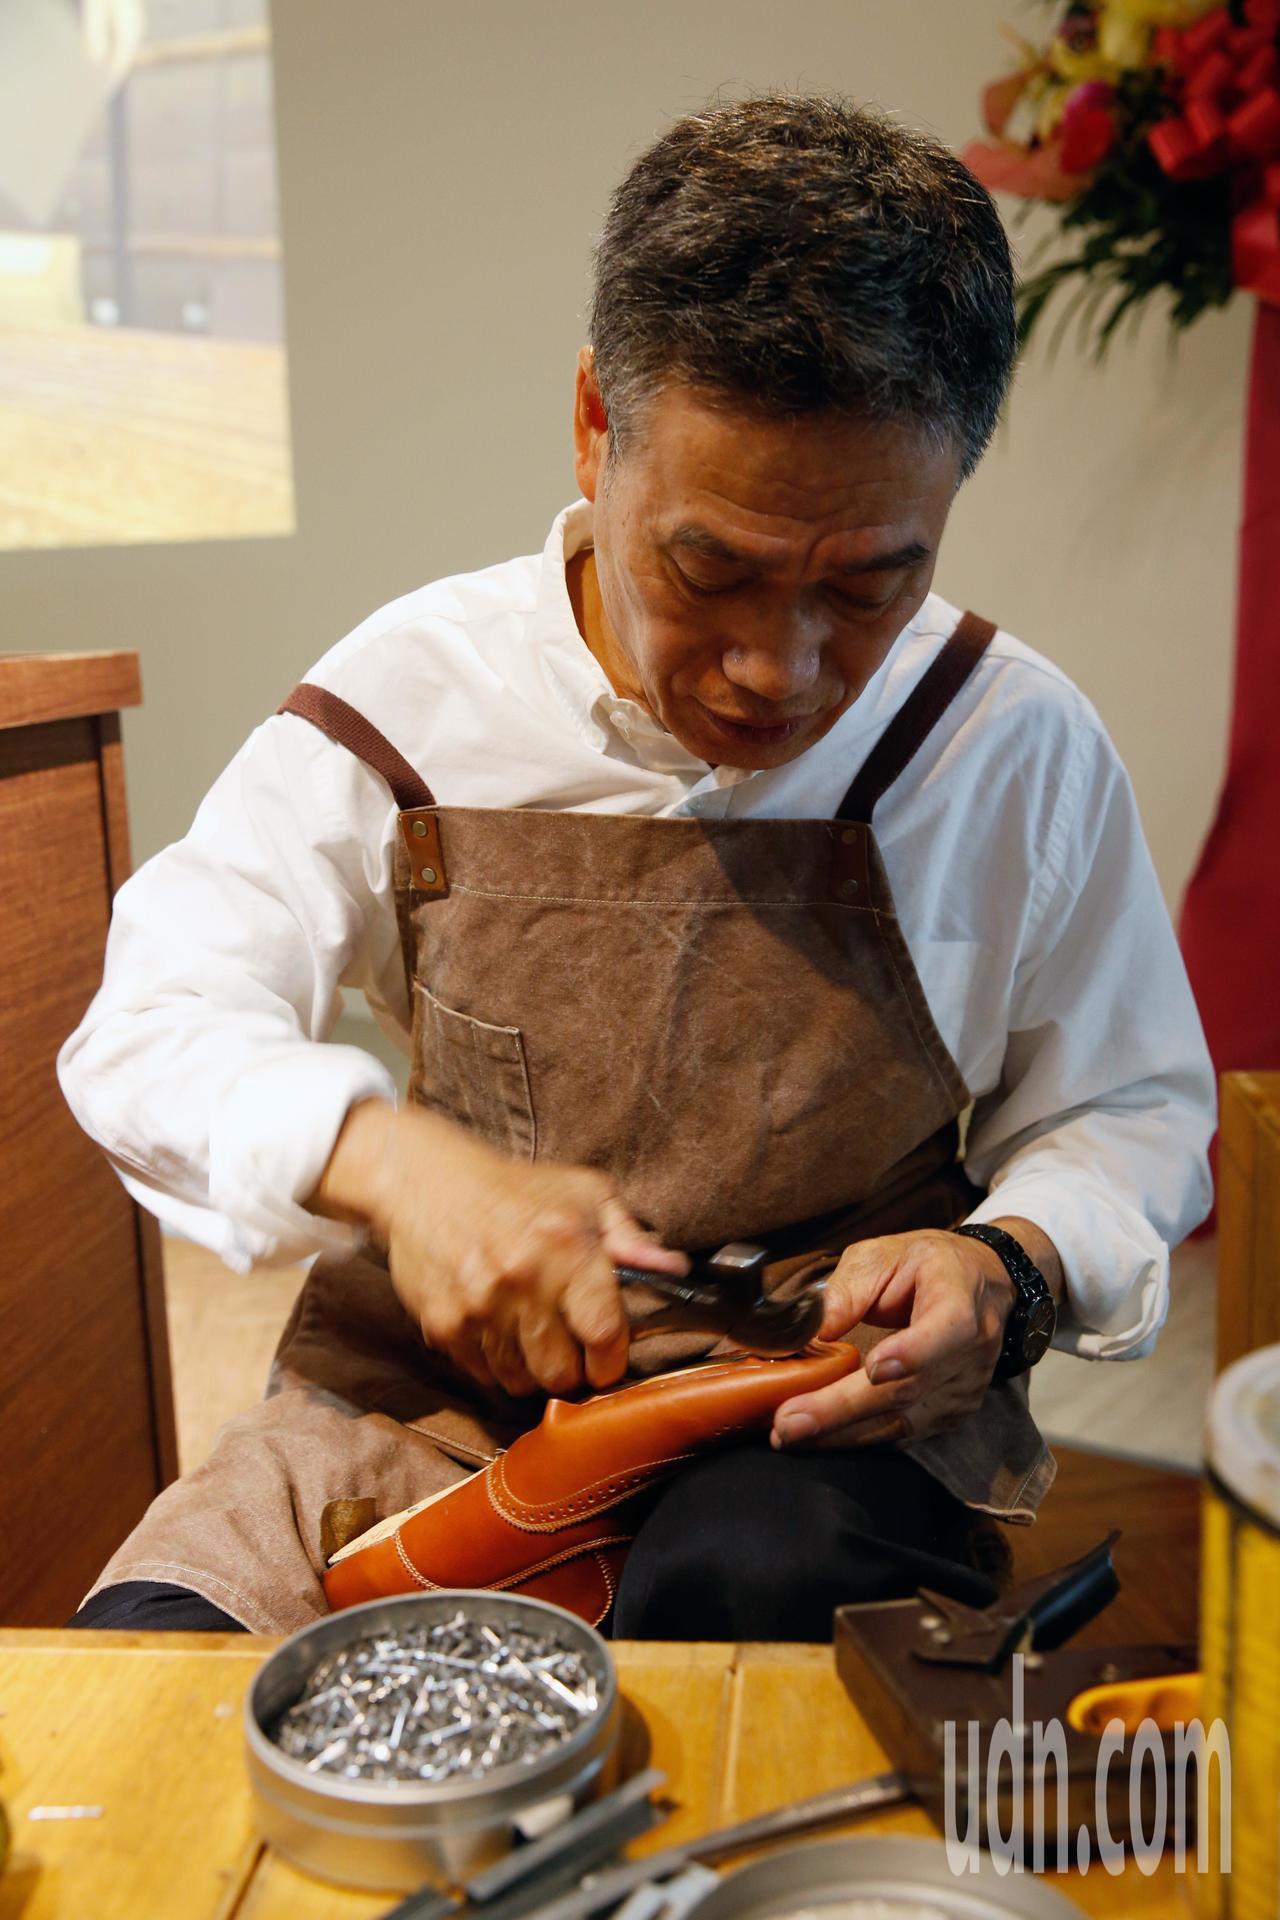 桃機公司、台灣宅配通與林果良品下午在機場第二航廈舉行「履程-台灣製鞋工藝特展」,...